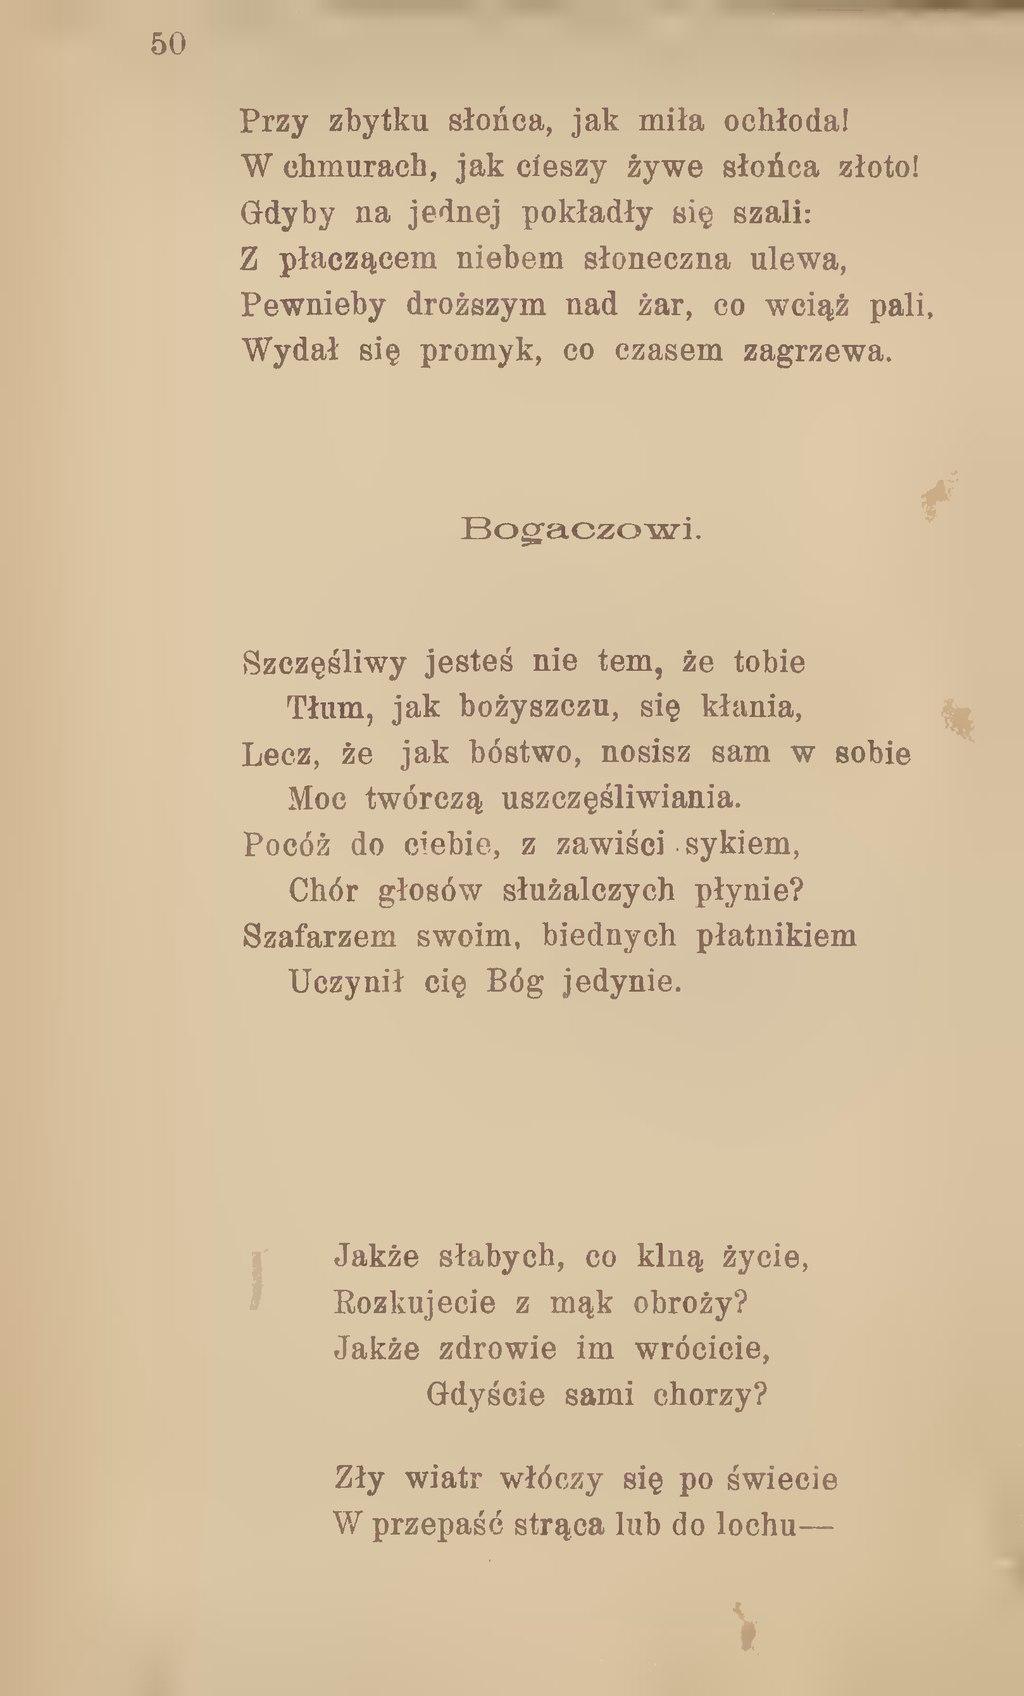 Stronagomulickiego Wiktora Wiersze Zbiór Nowydjvu53